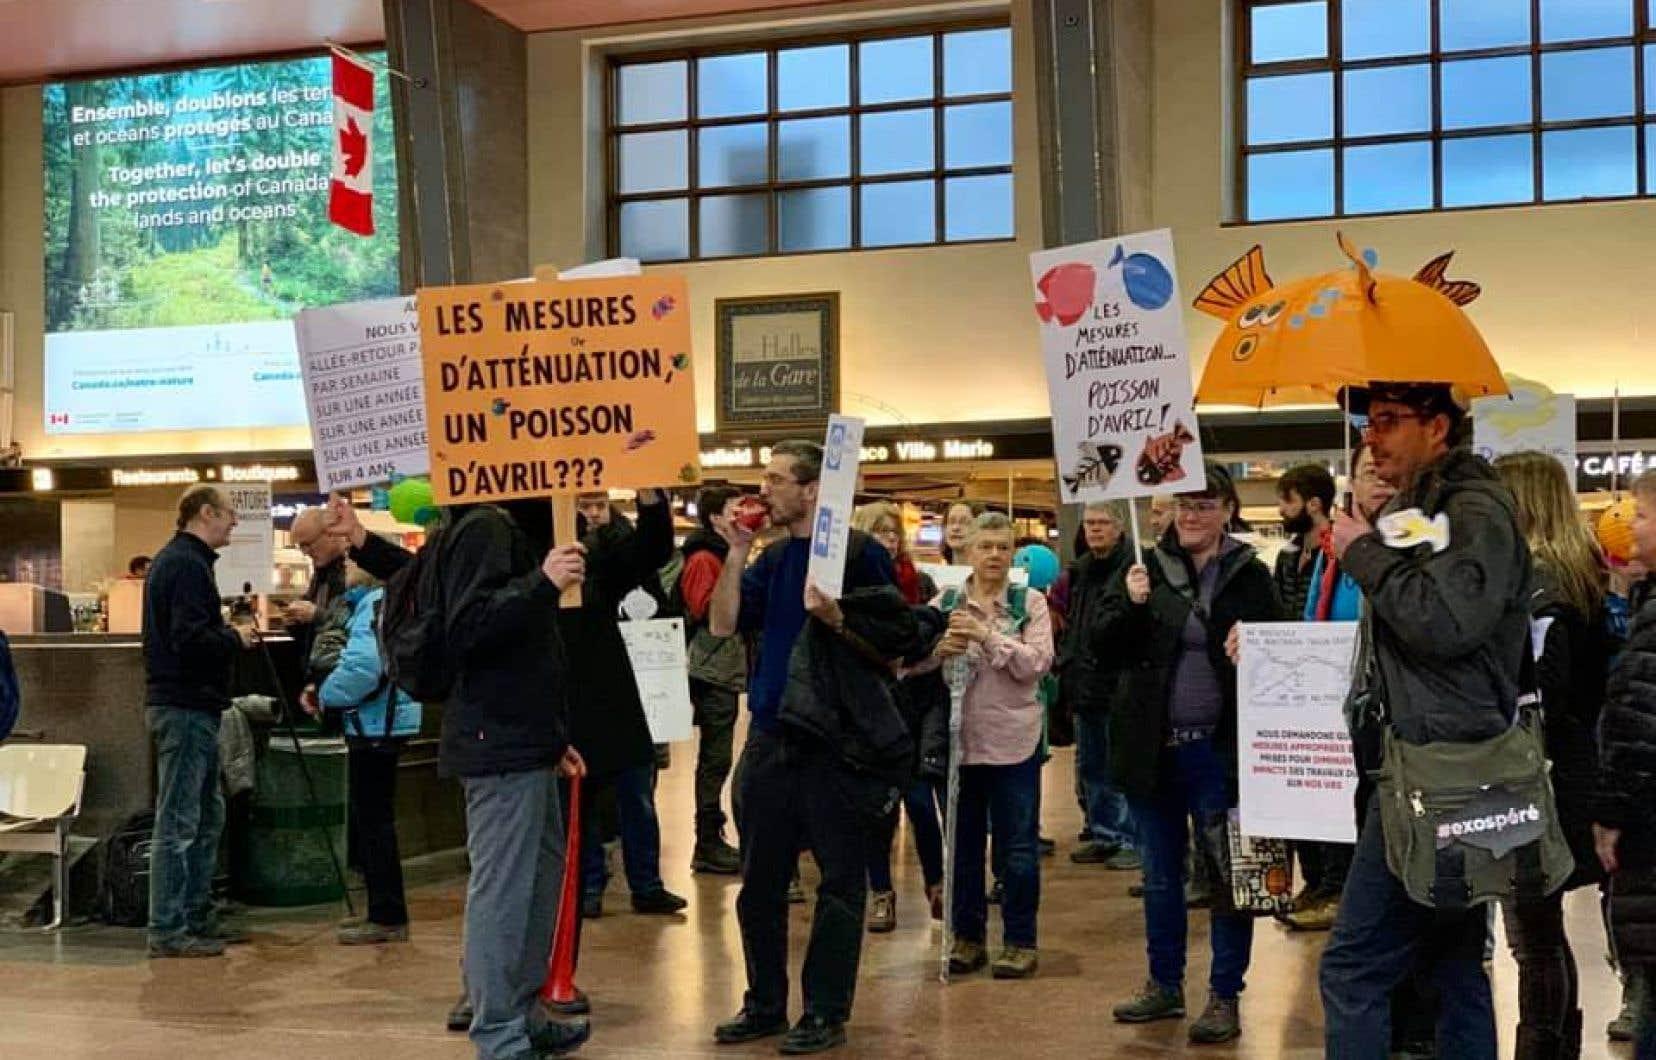 La page Facebook du Mouvement Train Deux-Montagnes affiche de nombreuses images de la manifestation de lundi.